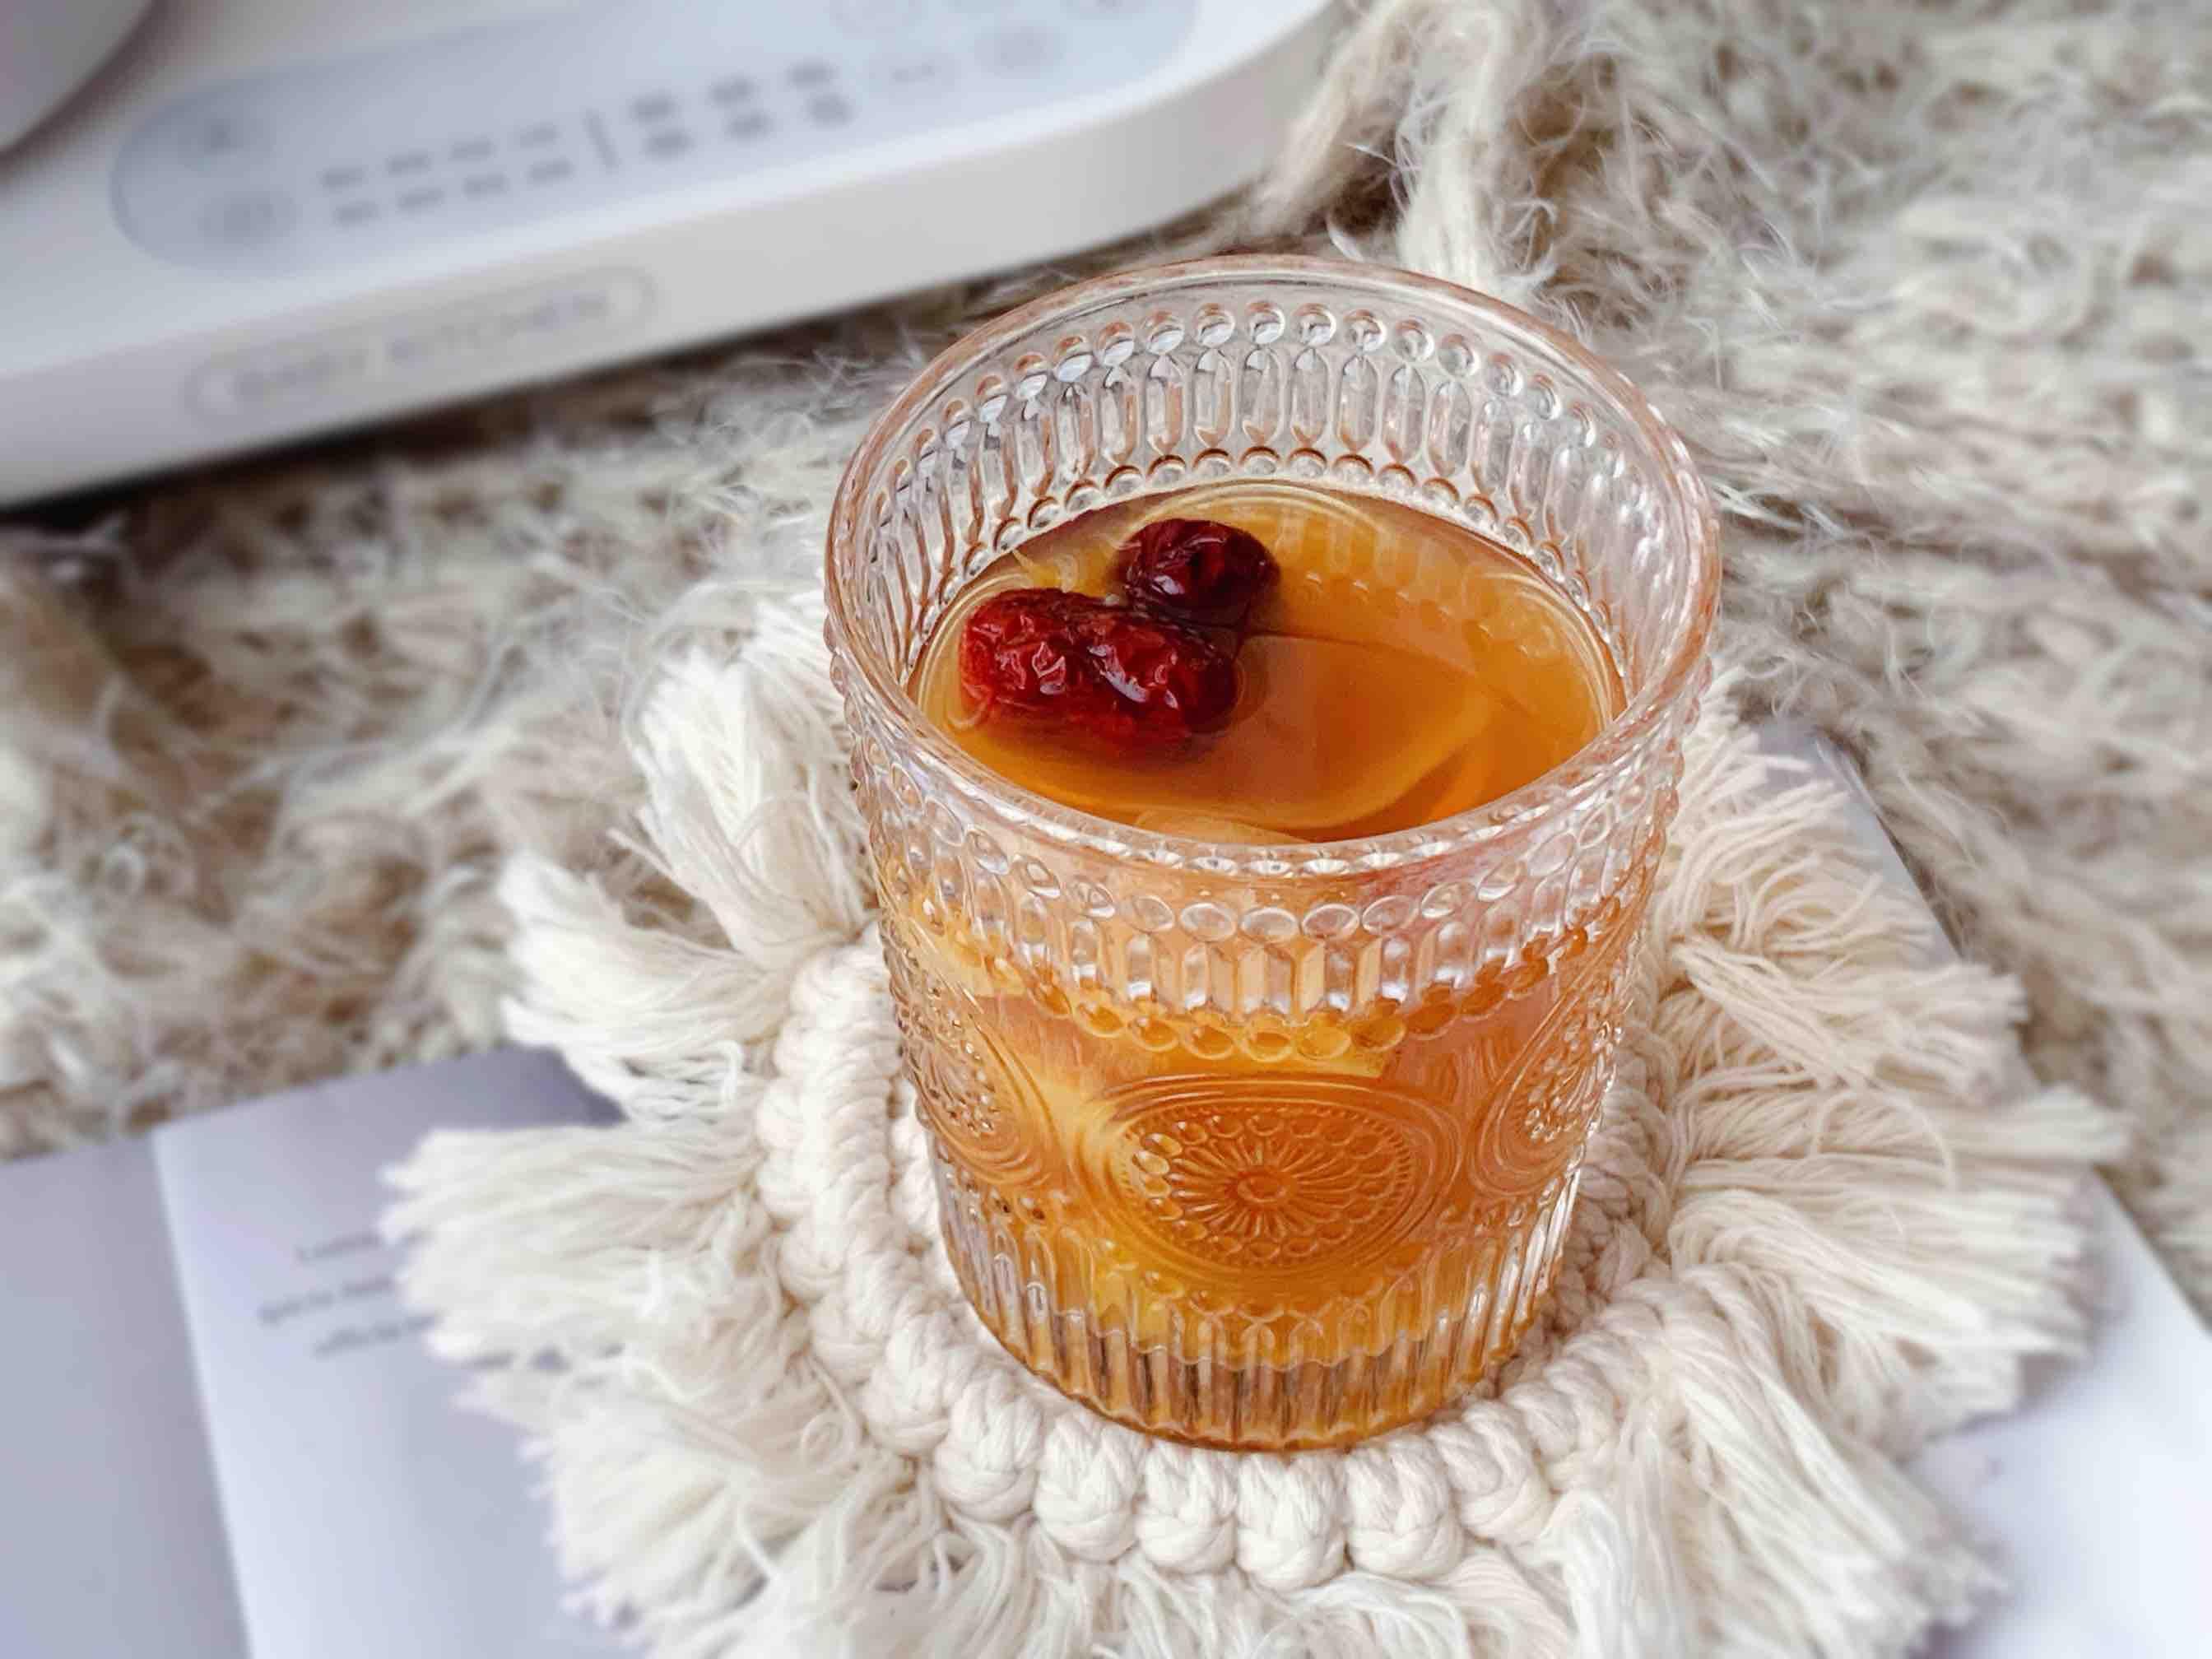 巨刷脂的苹果香橙水果茶成品图